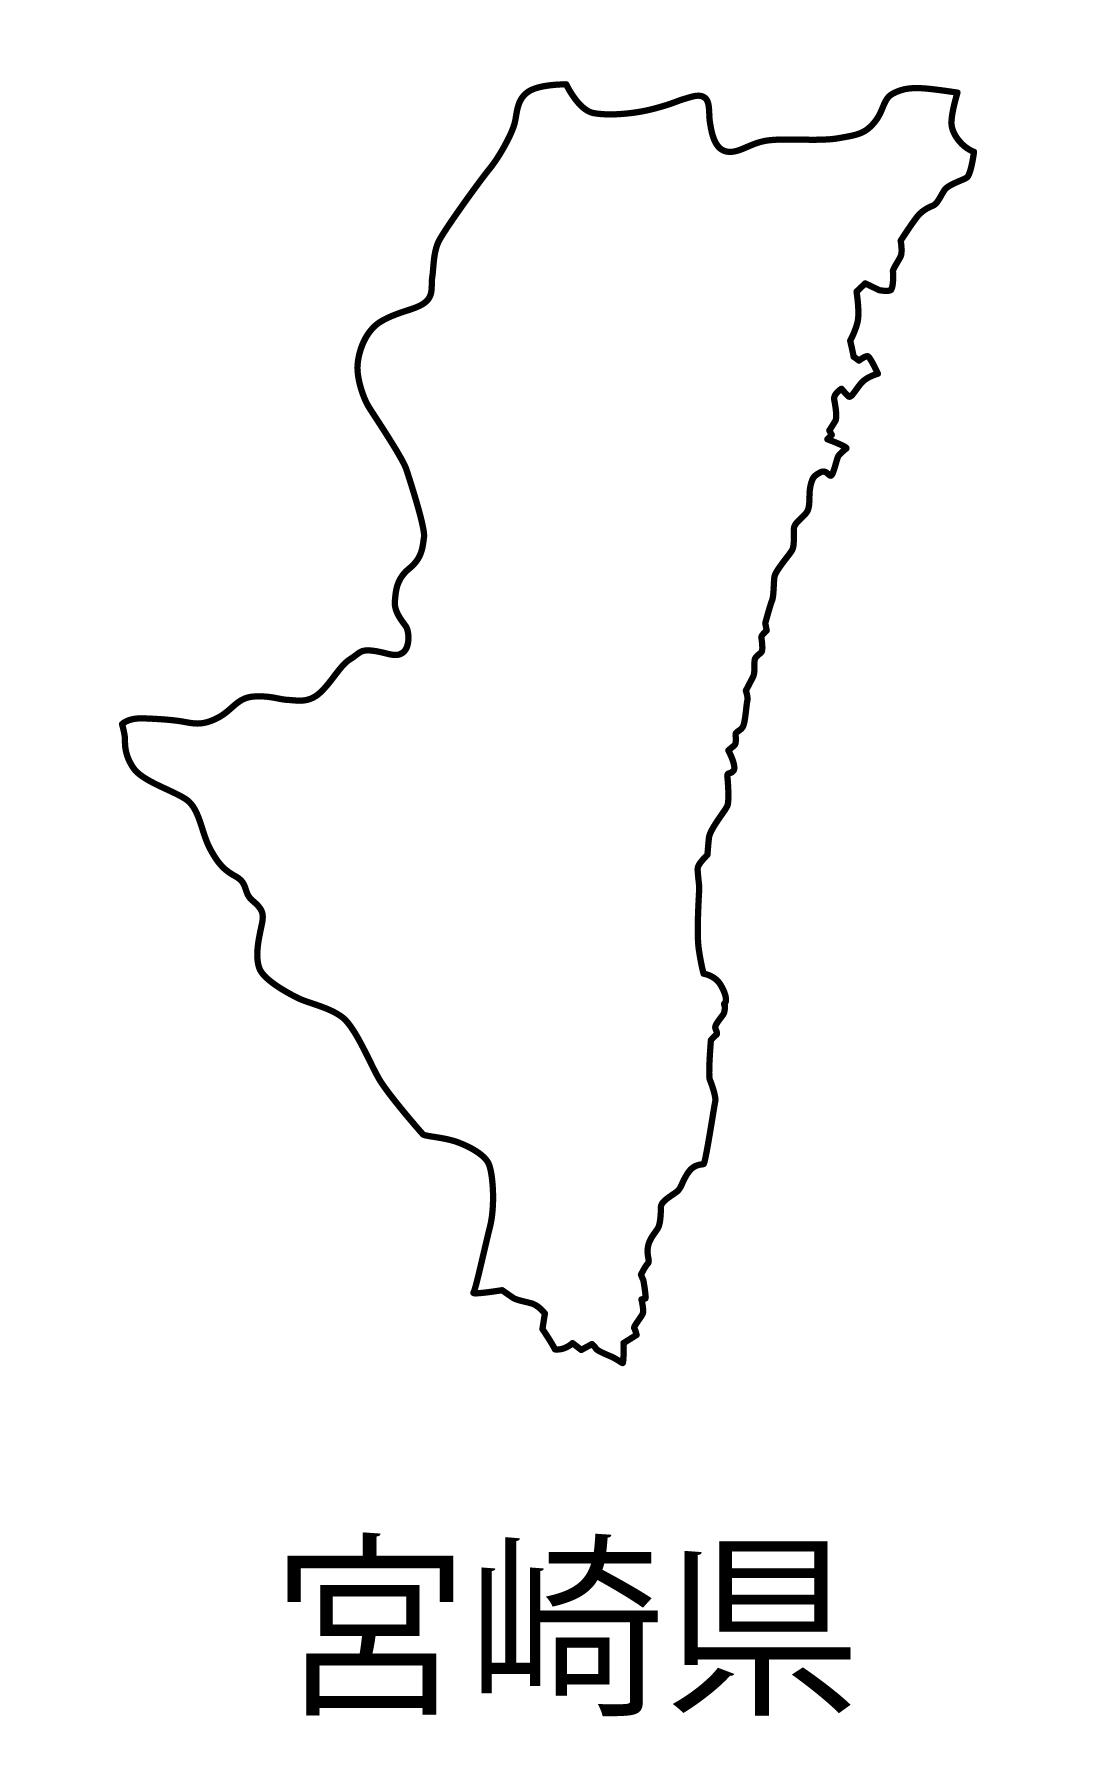 宮崎県無料フリーイラスト|日本語・都道府県名あり(白)